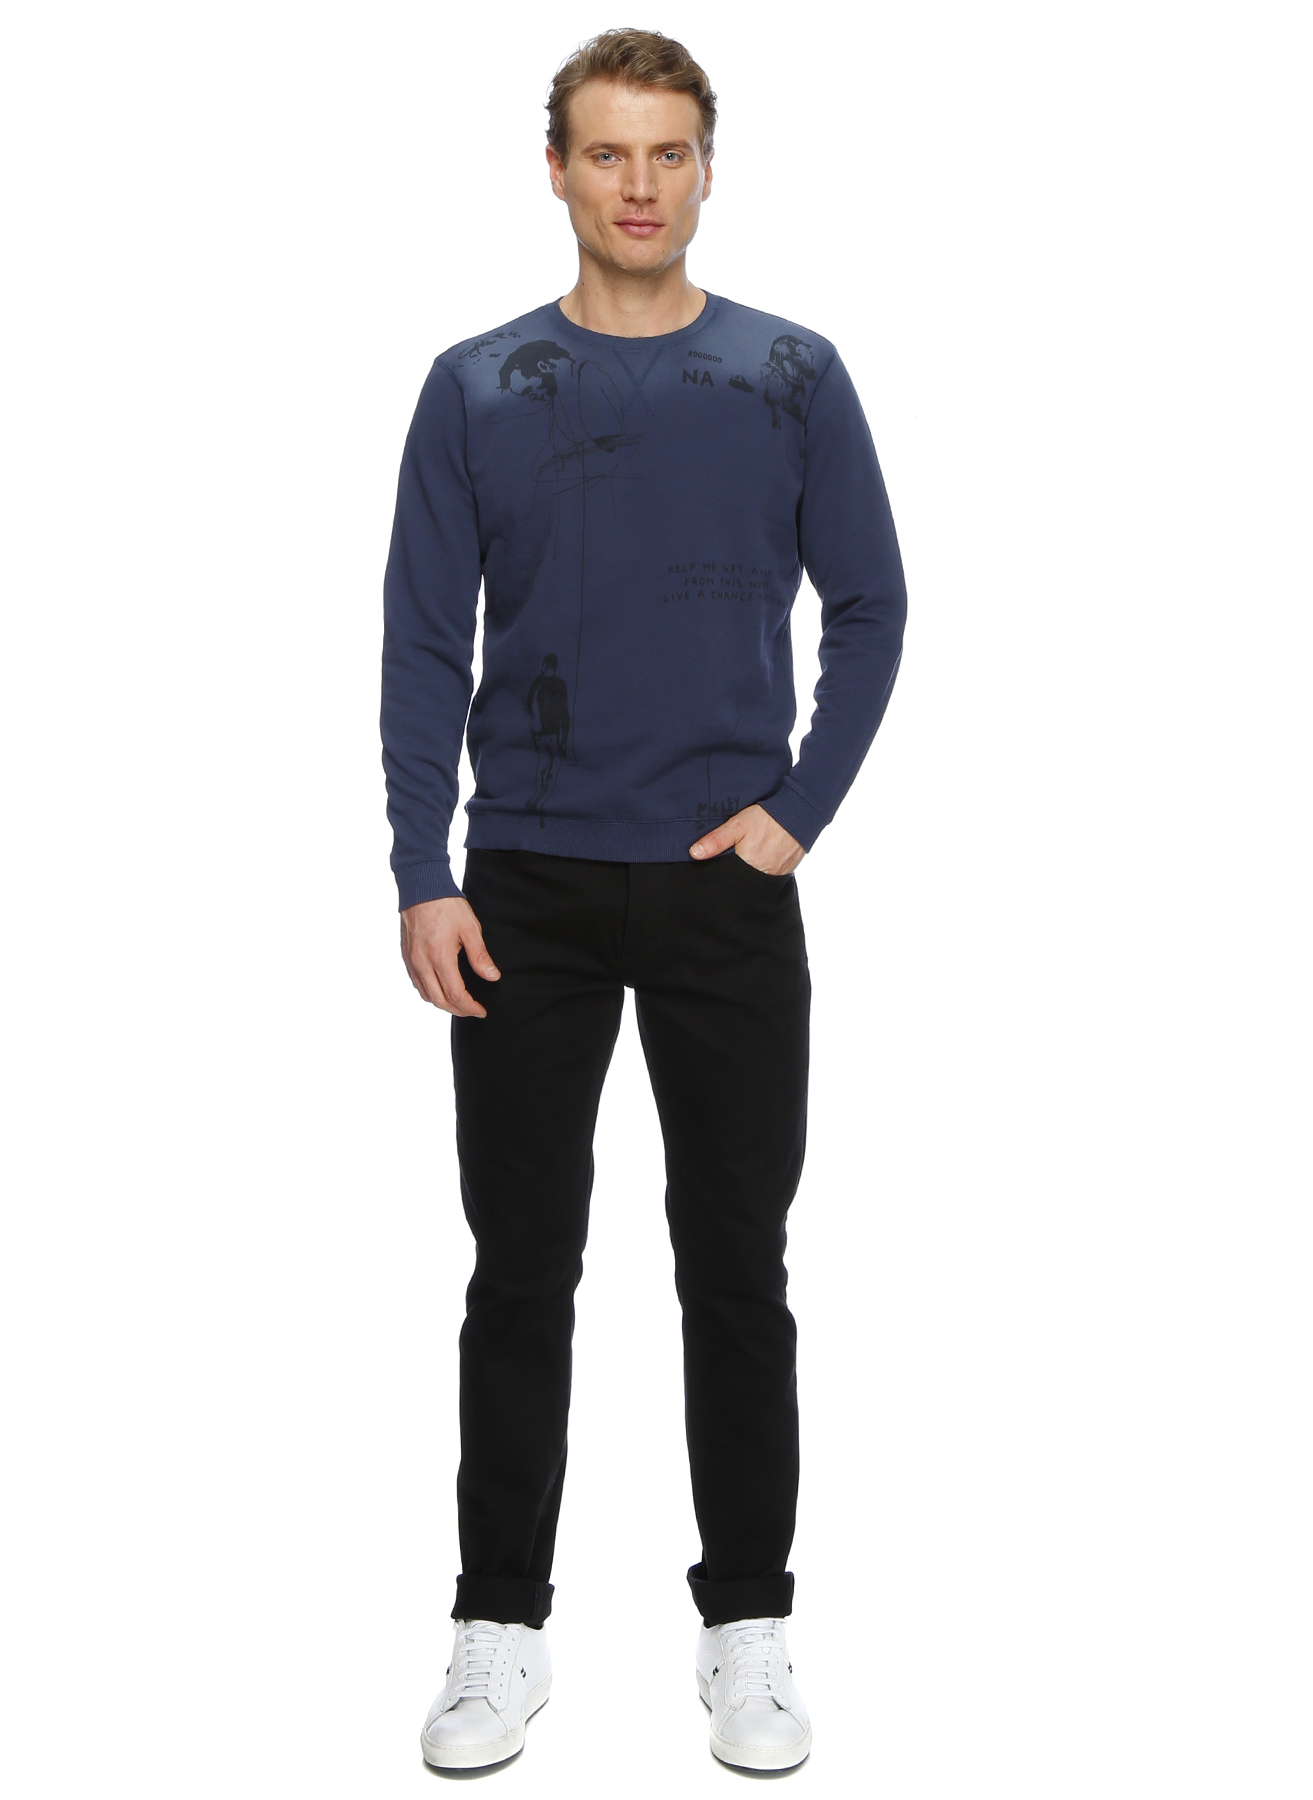 Loft Siyah Klasik Pantolon 32-30 5000192127005 Ürün Resmi